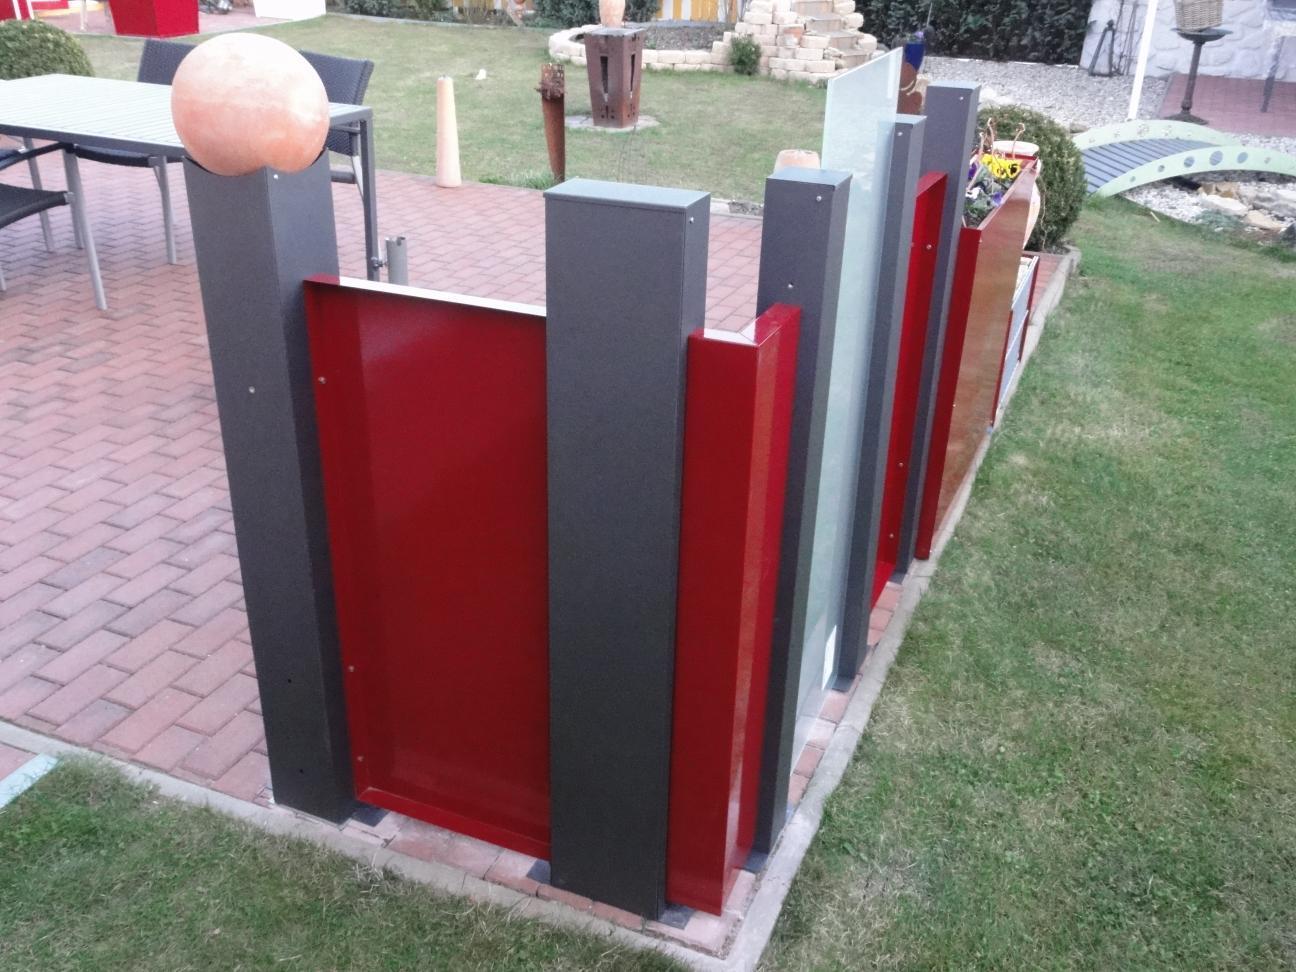 soloblech modular ohne stanzbild 155 x 92 cm alles f r haus und garten aus metall. Black Bedroom Furniture Sets. Home Design Ideas